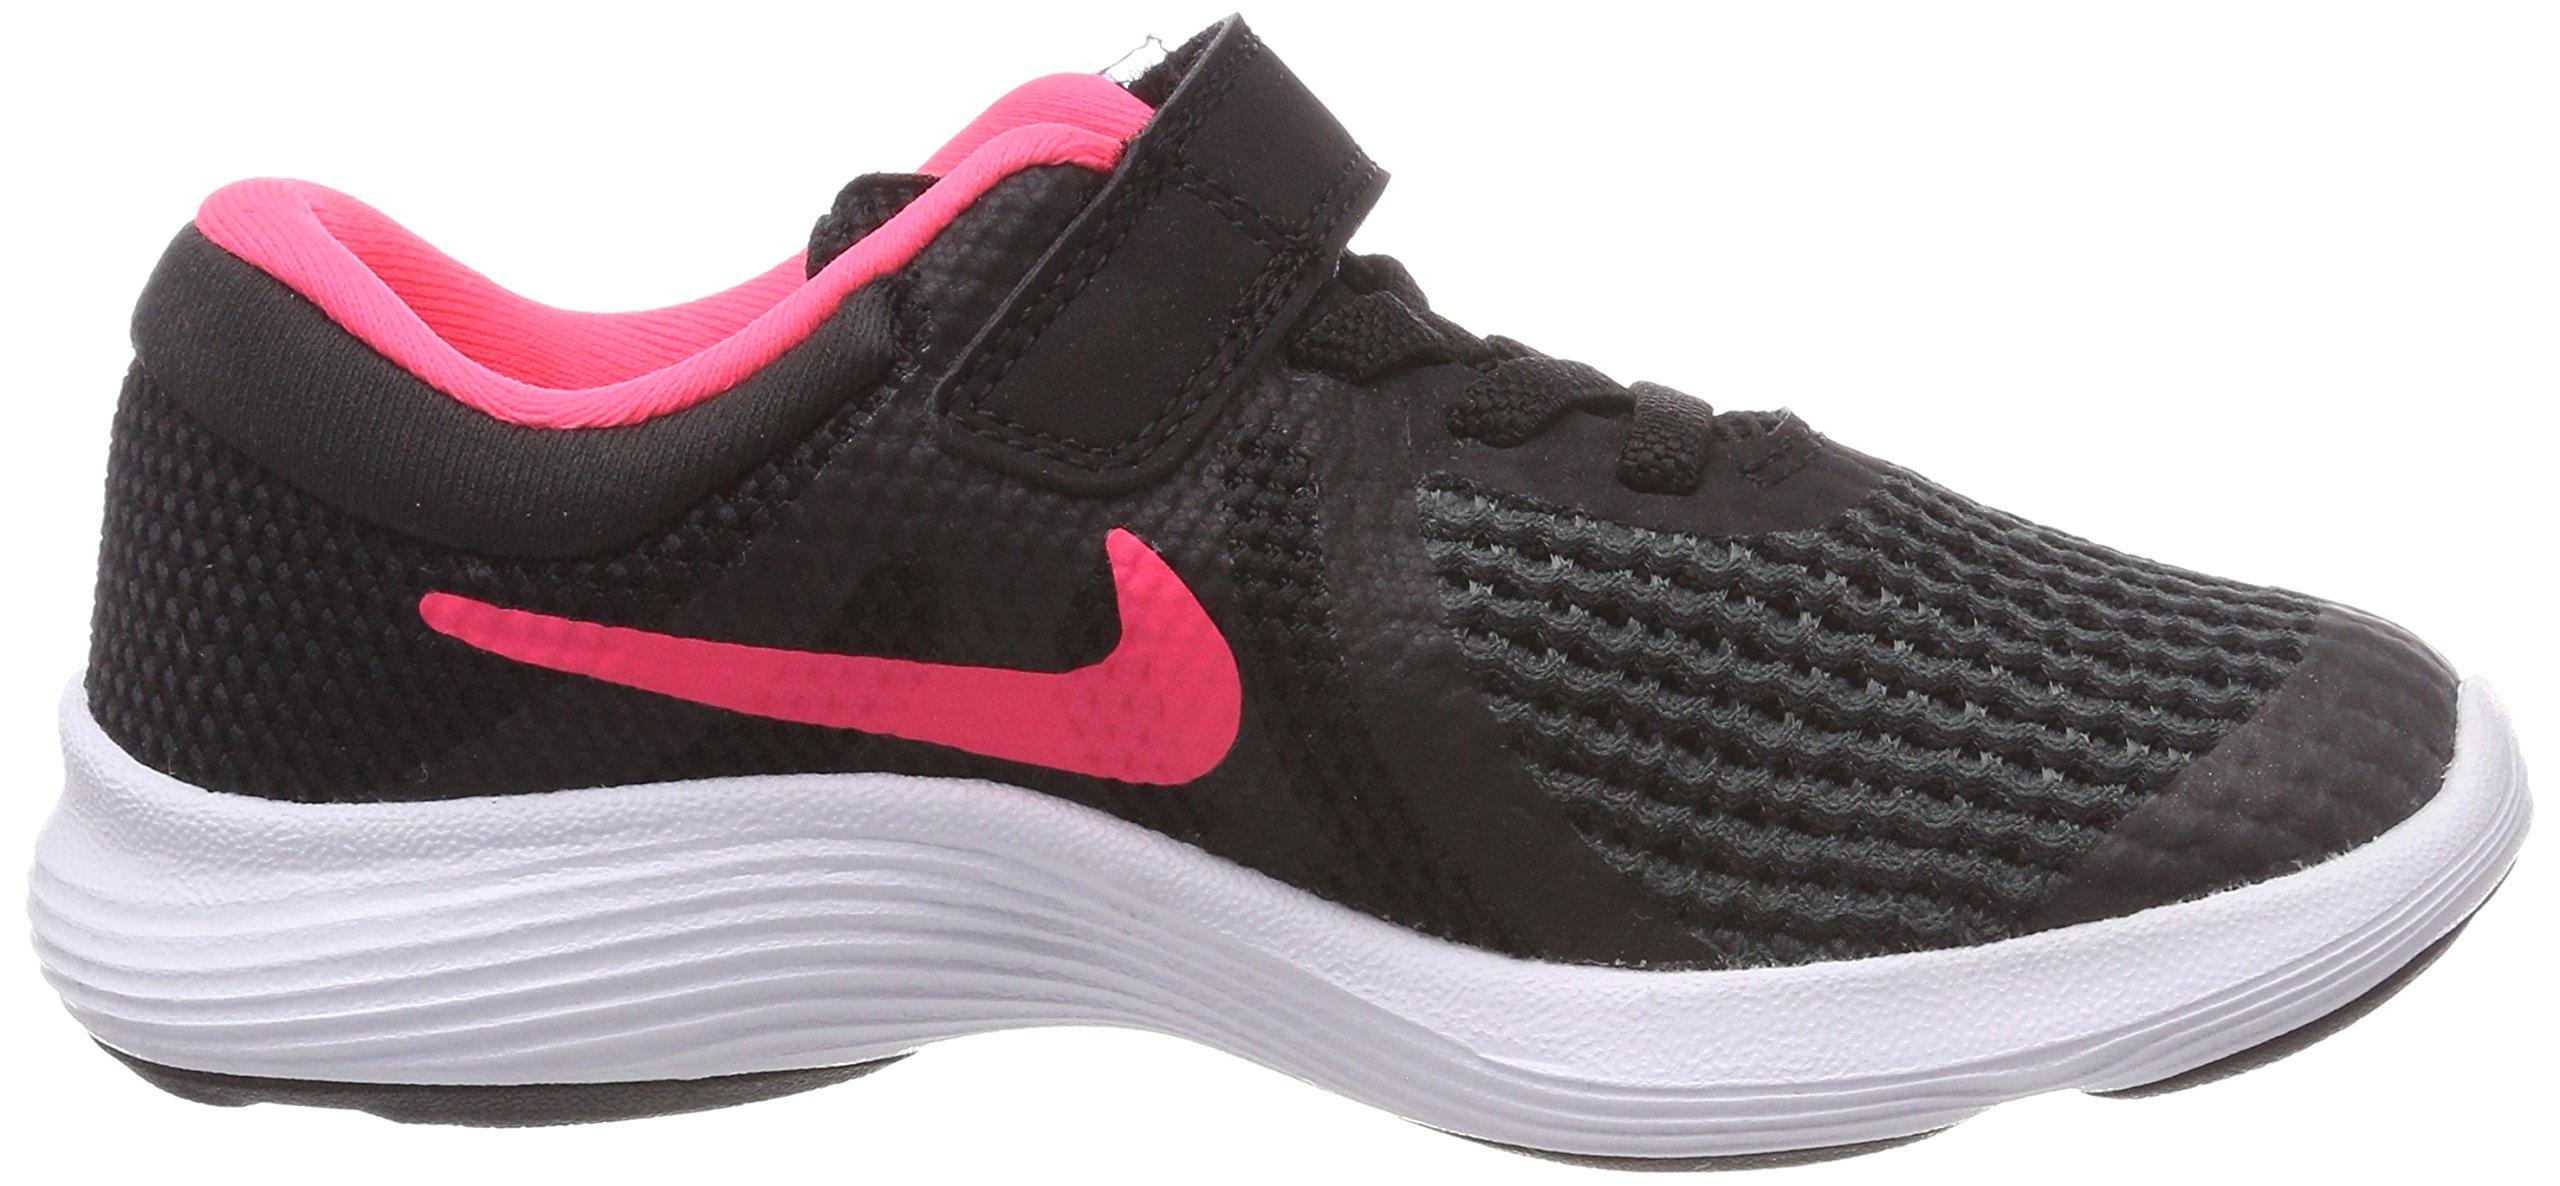 Nike Girls' Revolution 4 (PSV) Running Shoe, Black/Racer Pink - White, 11.5C Regular US Little Kid by Nike (Image #6)